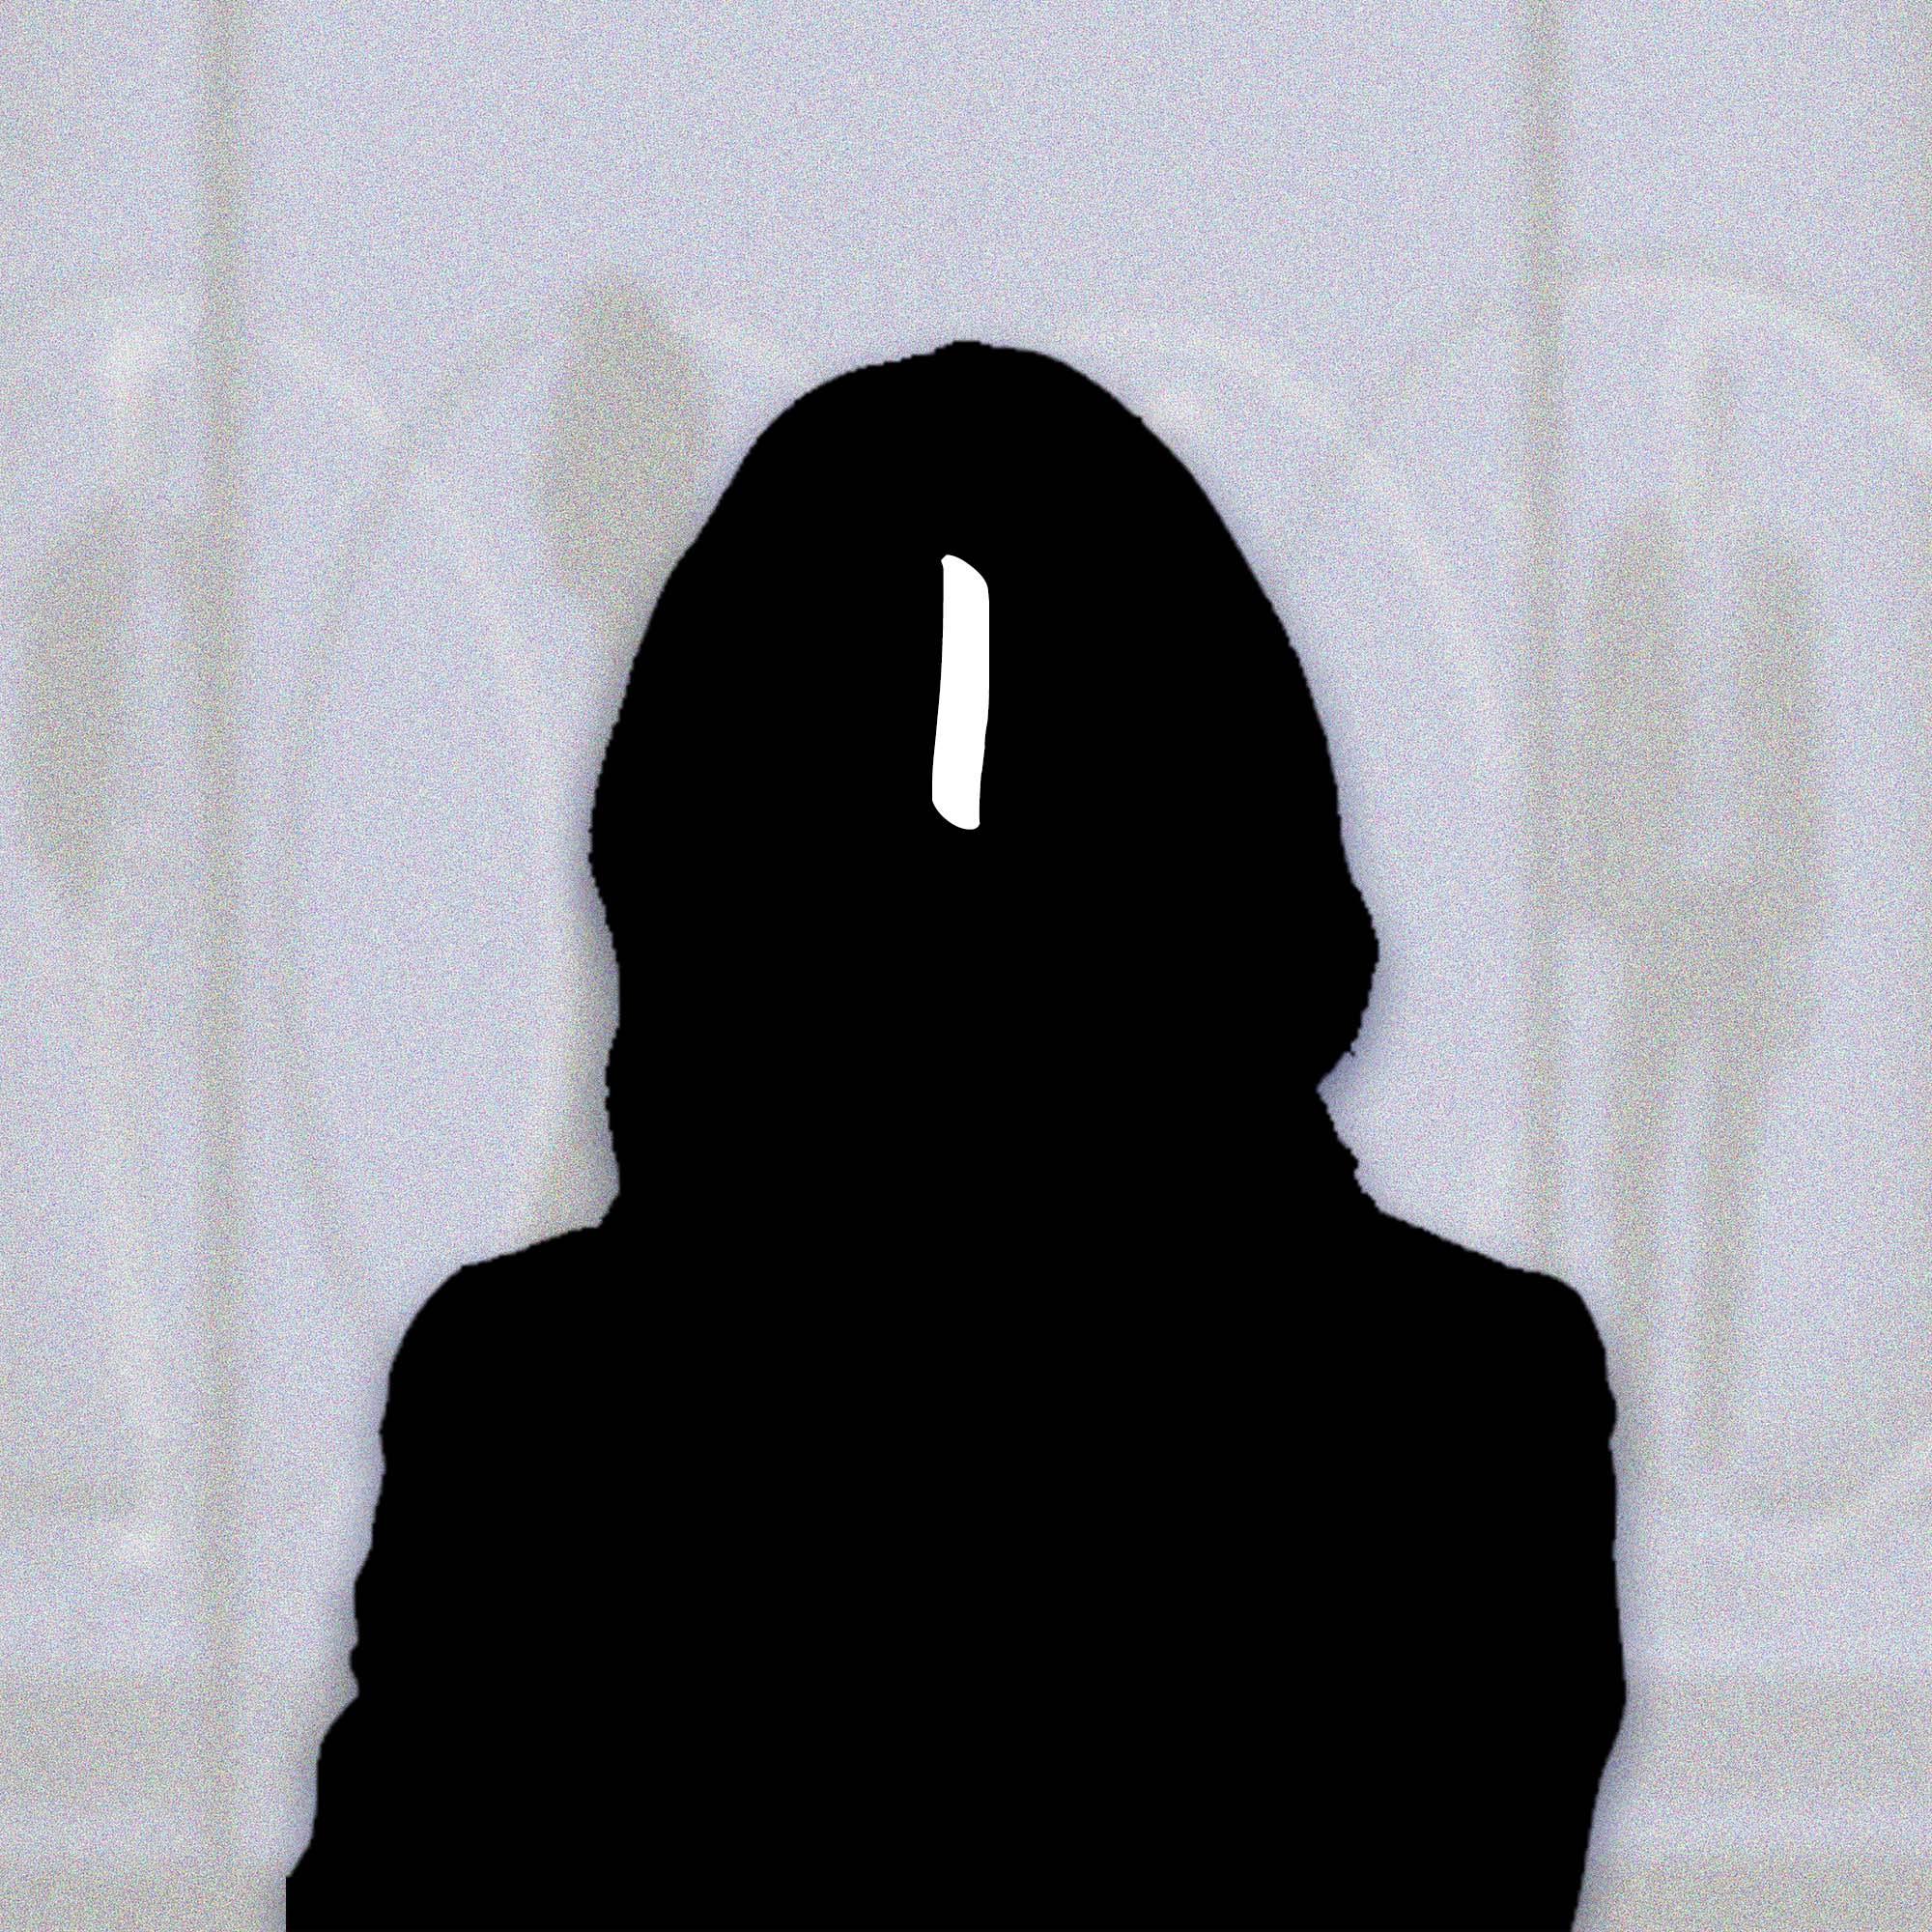 《解梦》剧本杀故事背景_角色简介_凶手是谁_复盘解析